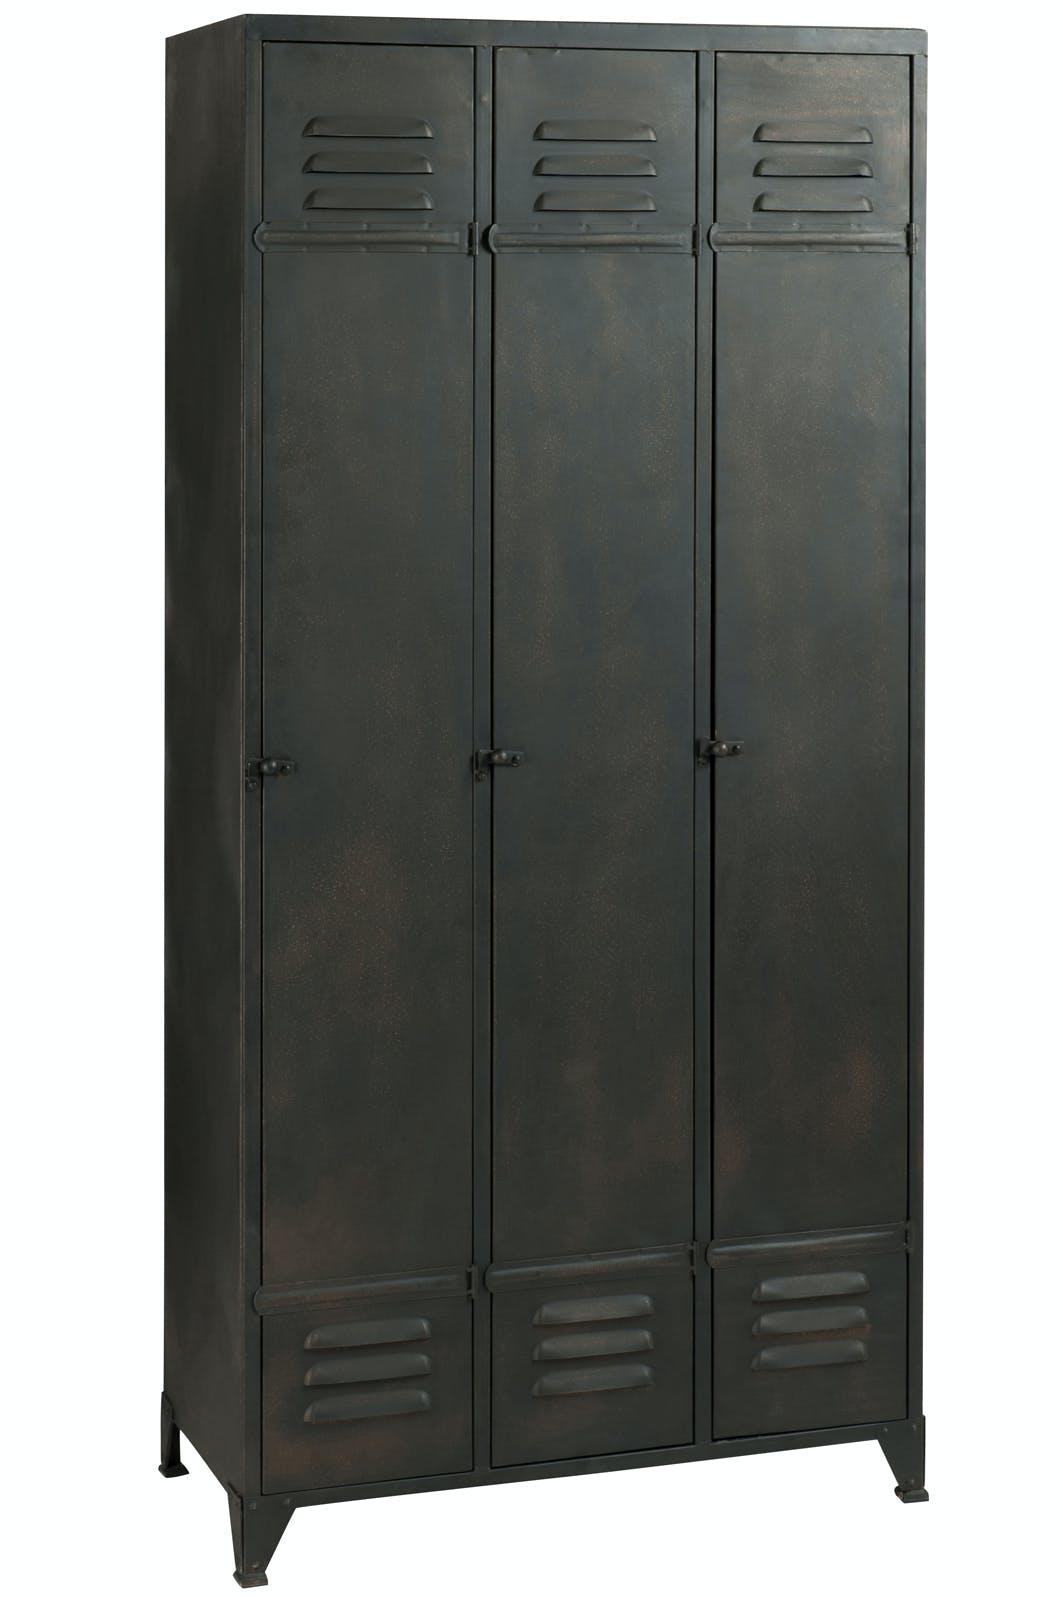 Meuble loft armoire 3 parties fer noir 84x43x174 cm ref.30022919